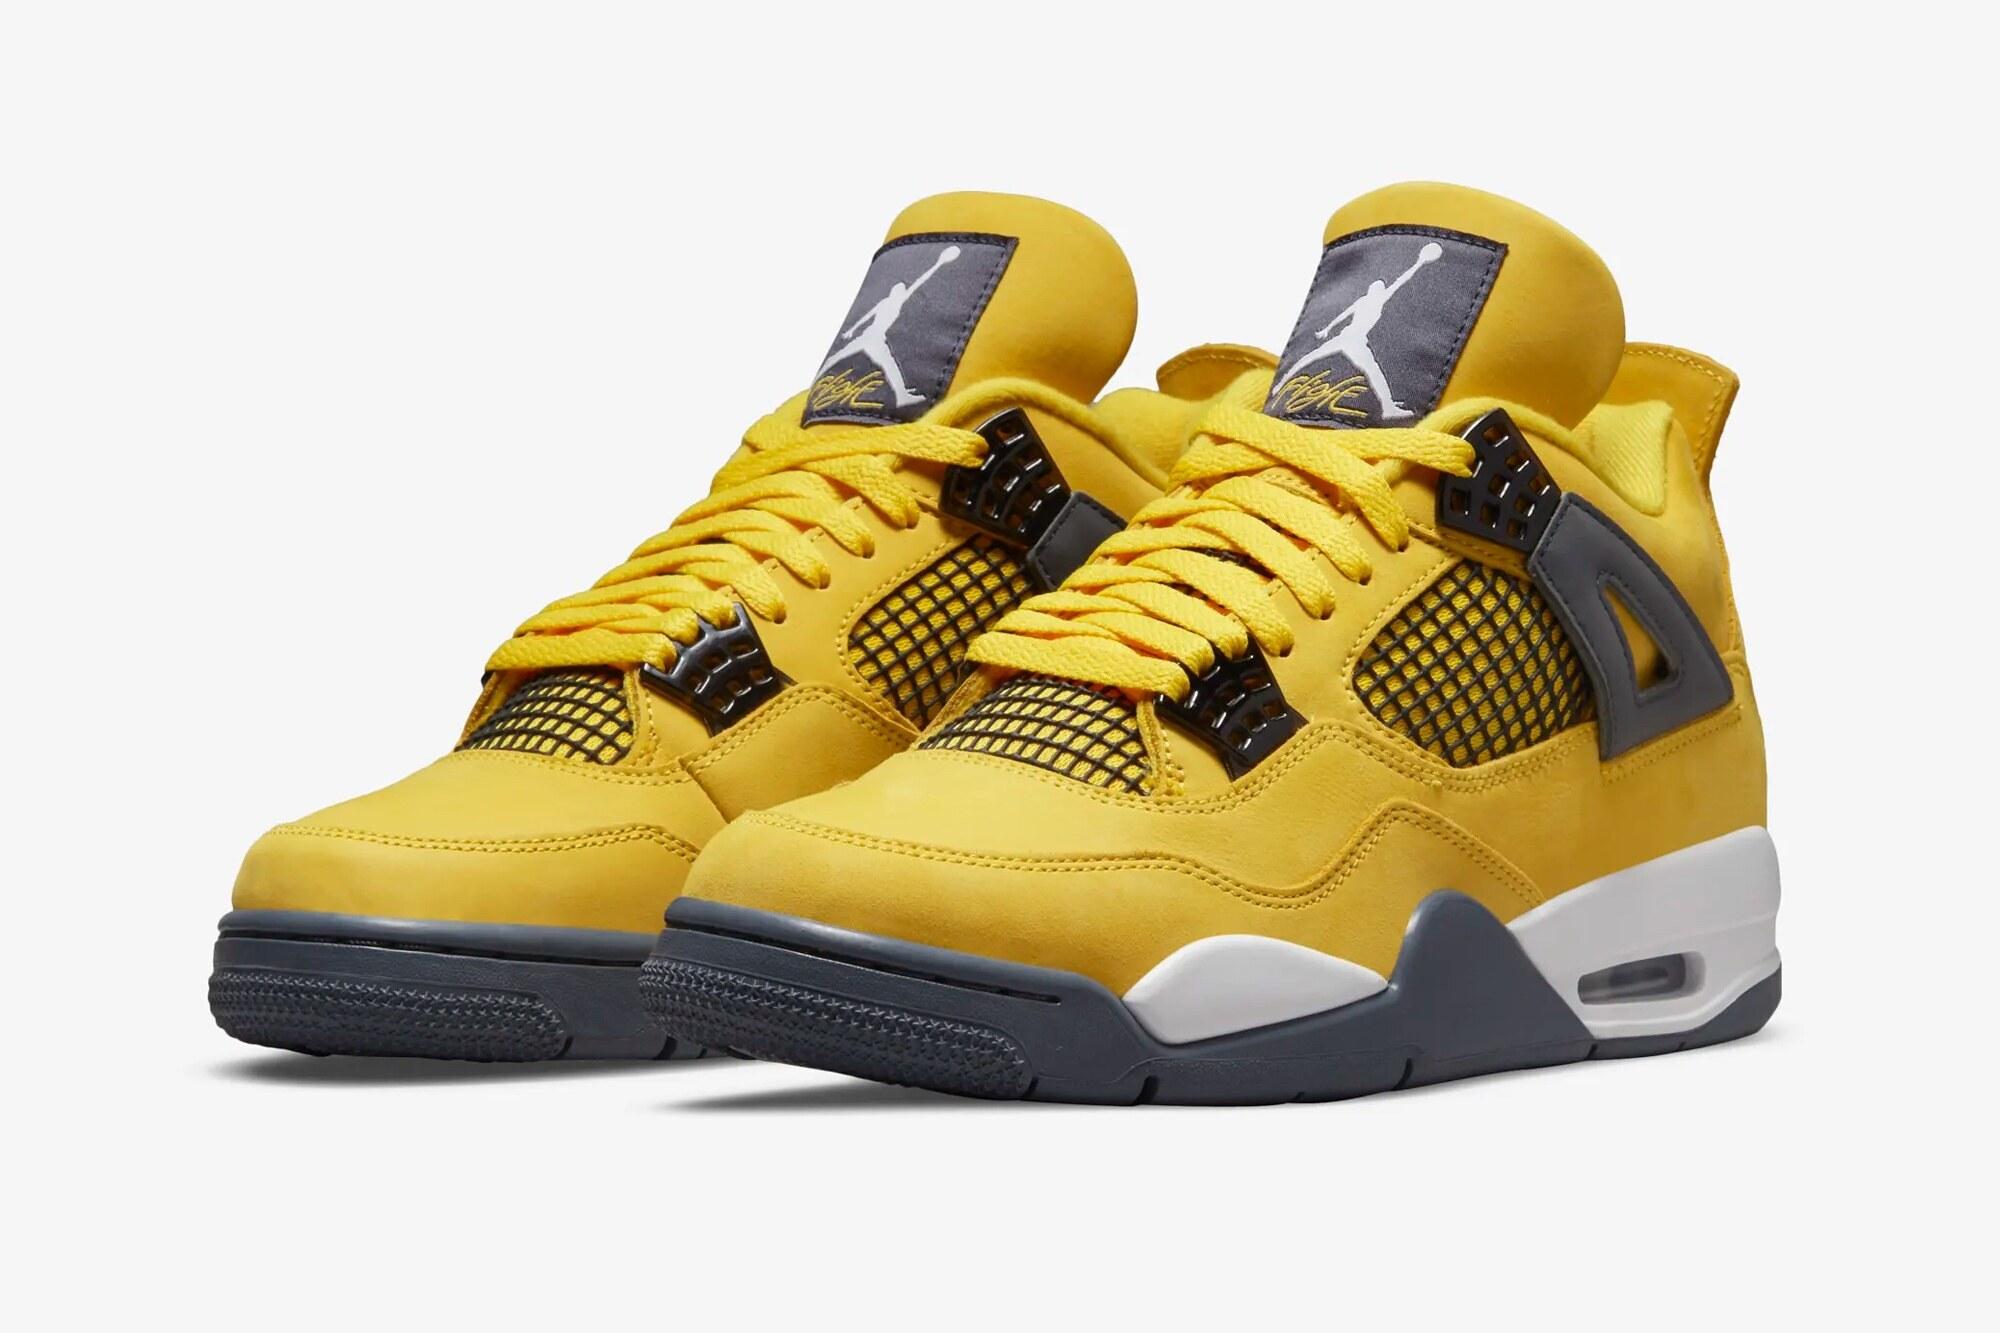 Air Jordan 4 Tour Yellow